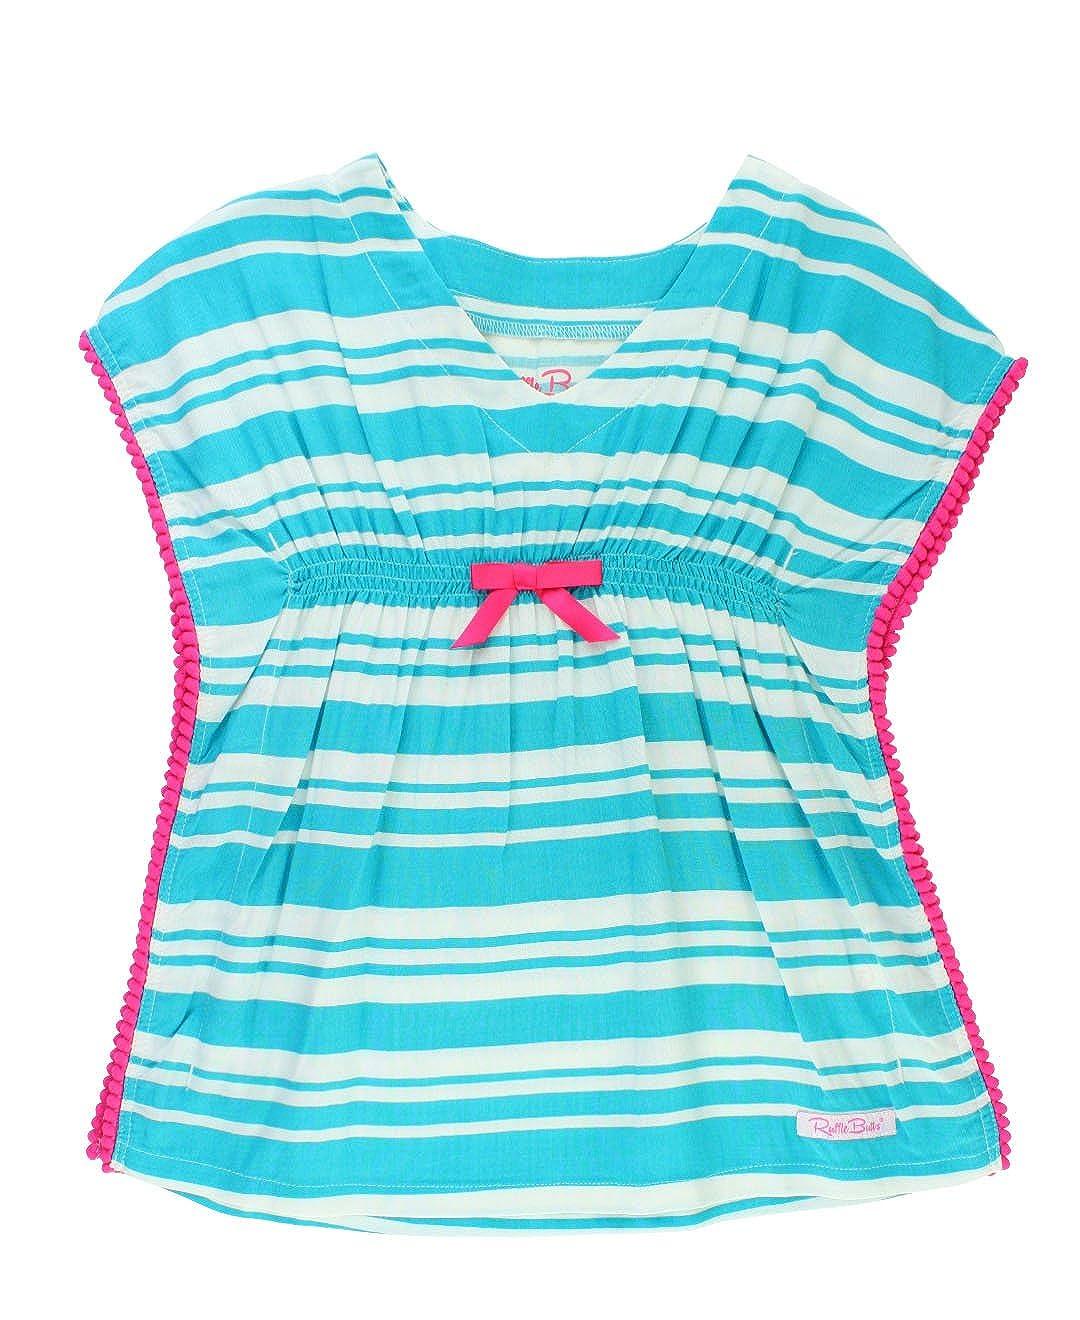 RuffleButts Little Girls Woven Kaftan Swimsuit Cover-Up CUWXXYY-KAFT-SC-TDLR